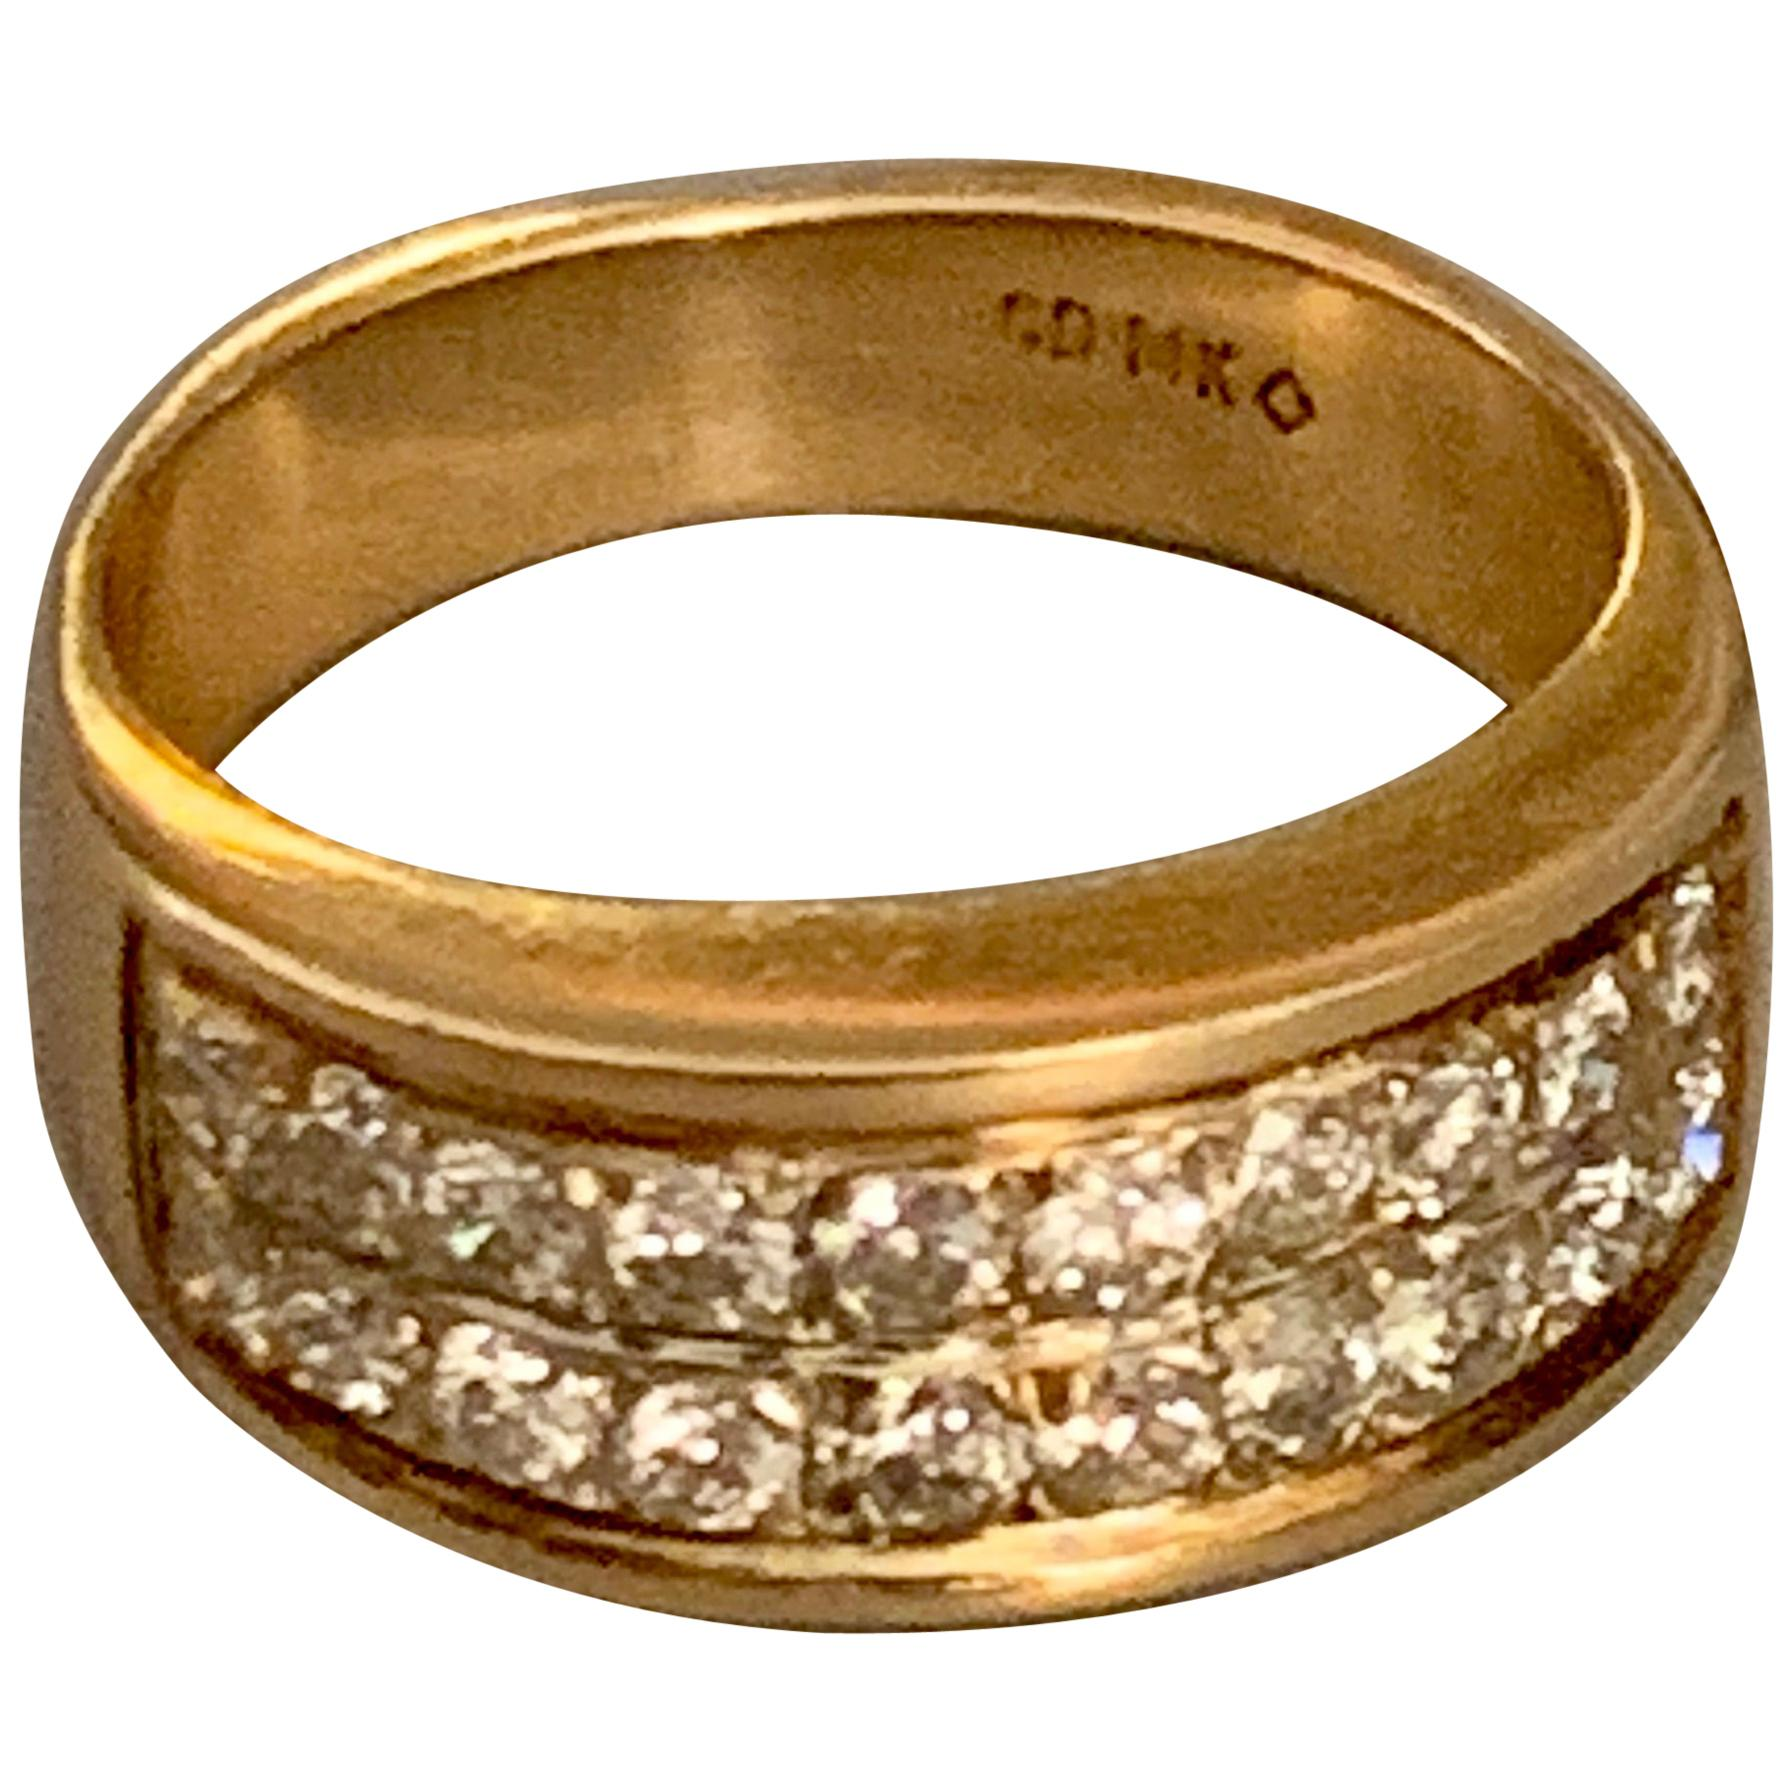 Modern Diamond 14 Karat Yellow Gold Band Ring